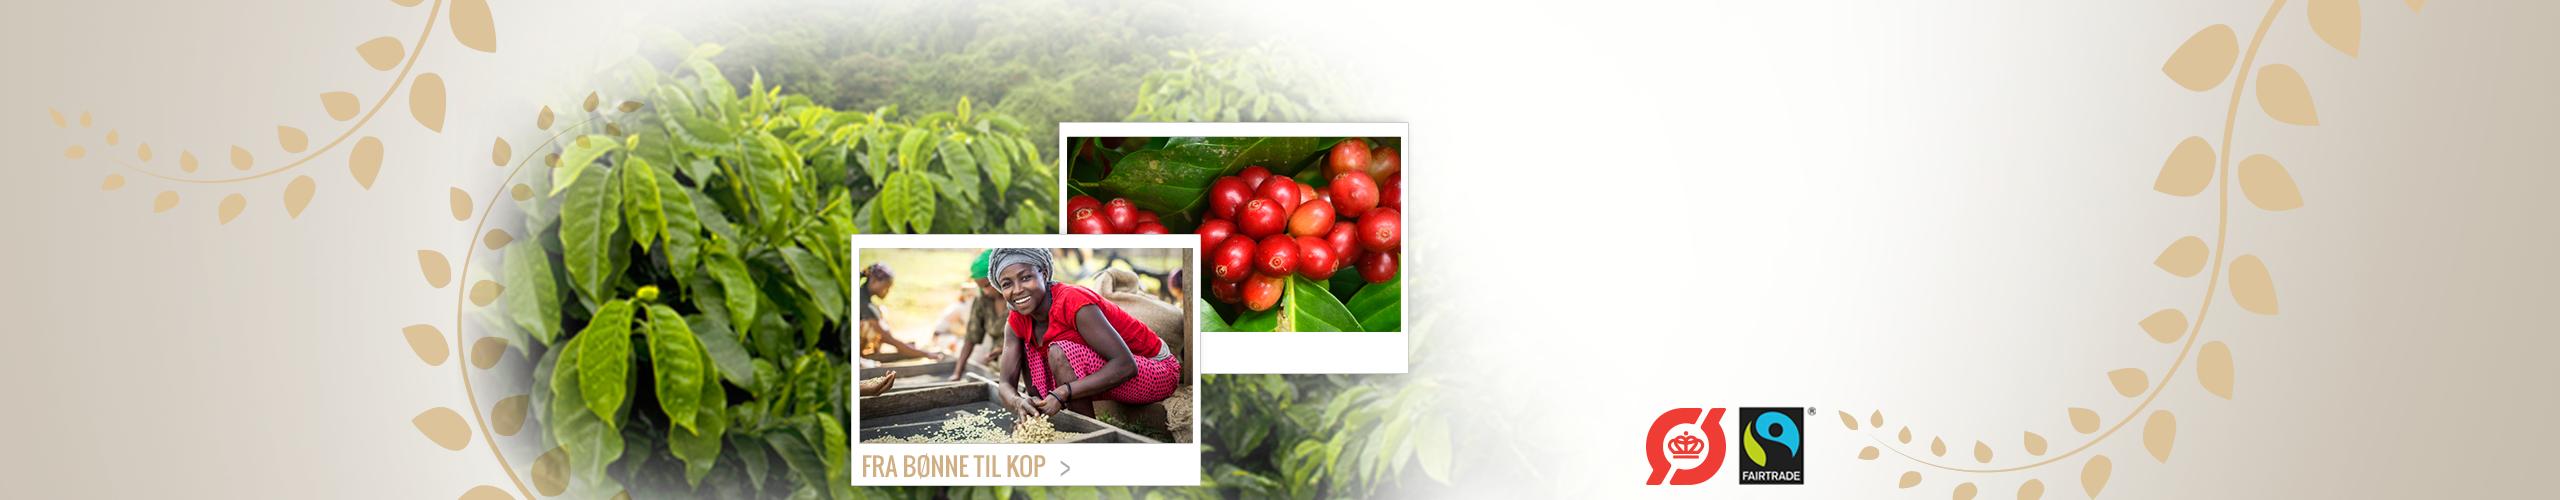 Økologisk og Fair Trade kaffe.